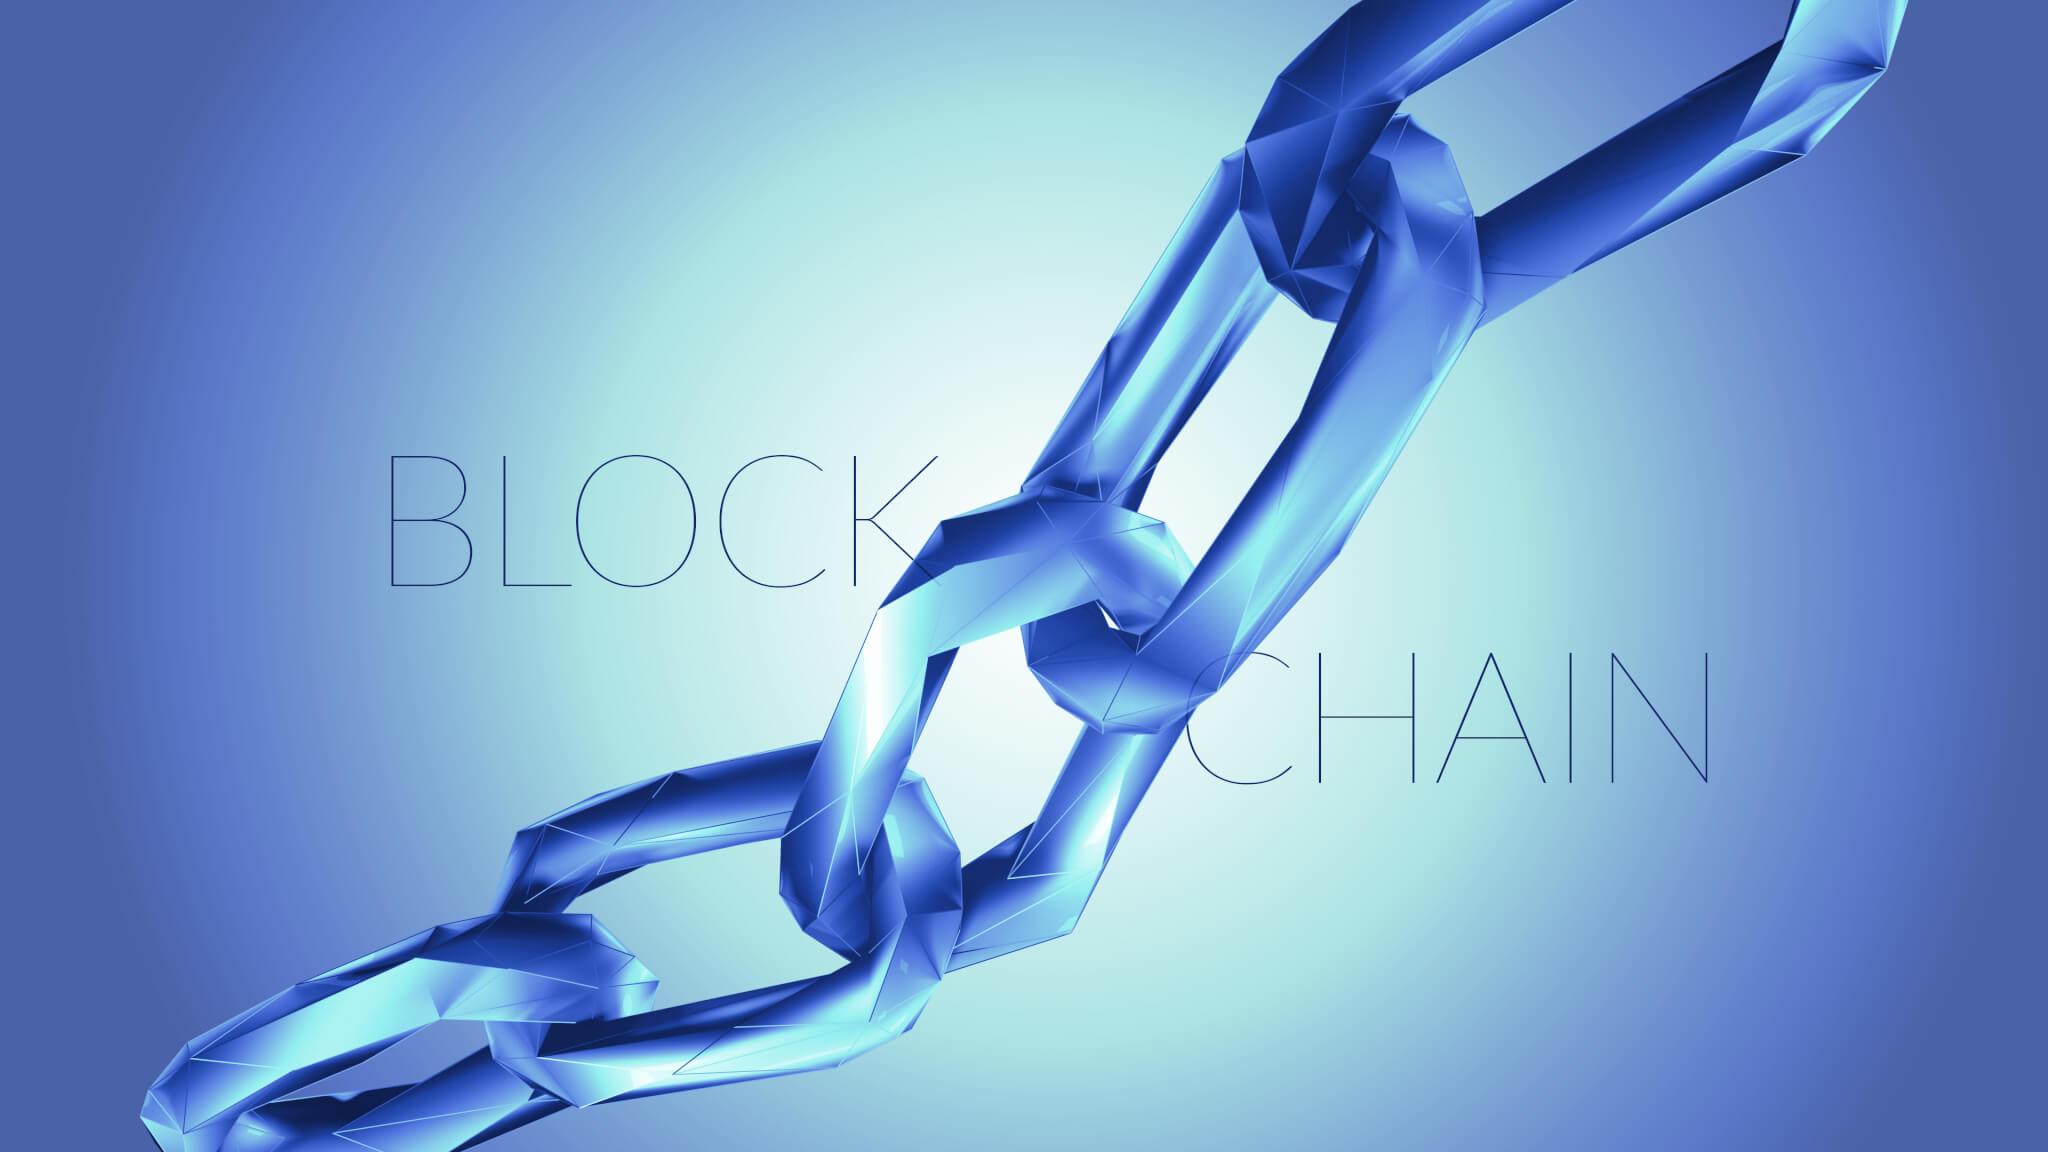 Технология блокчейн: что это? Простыми словами о Blockchain